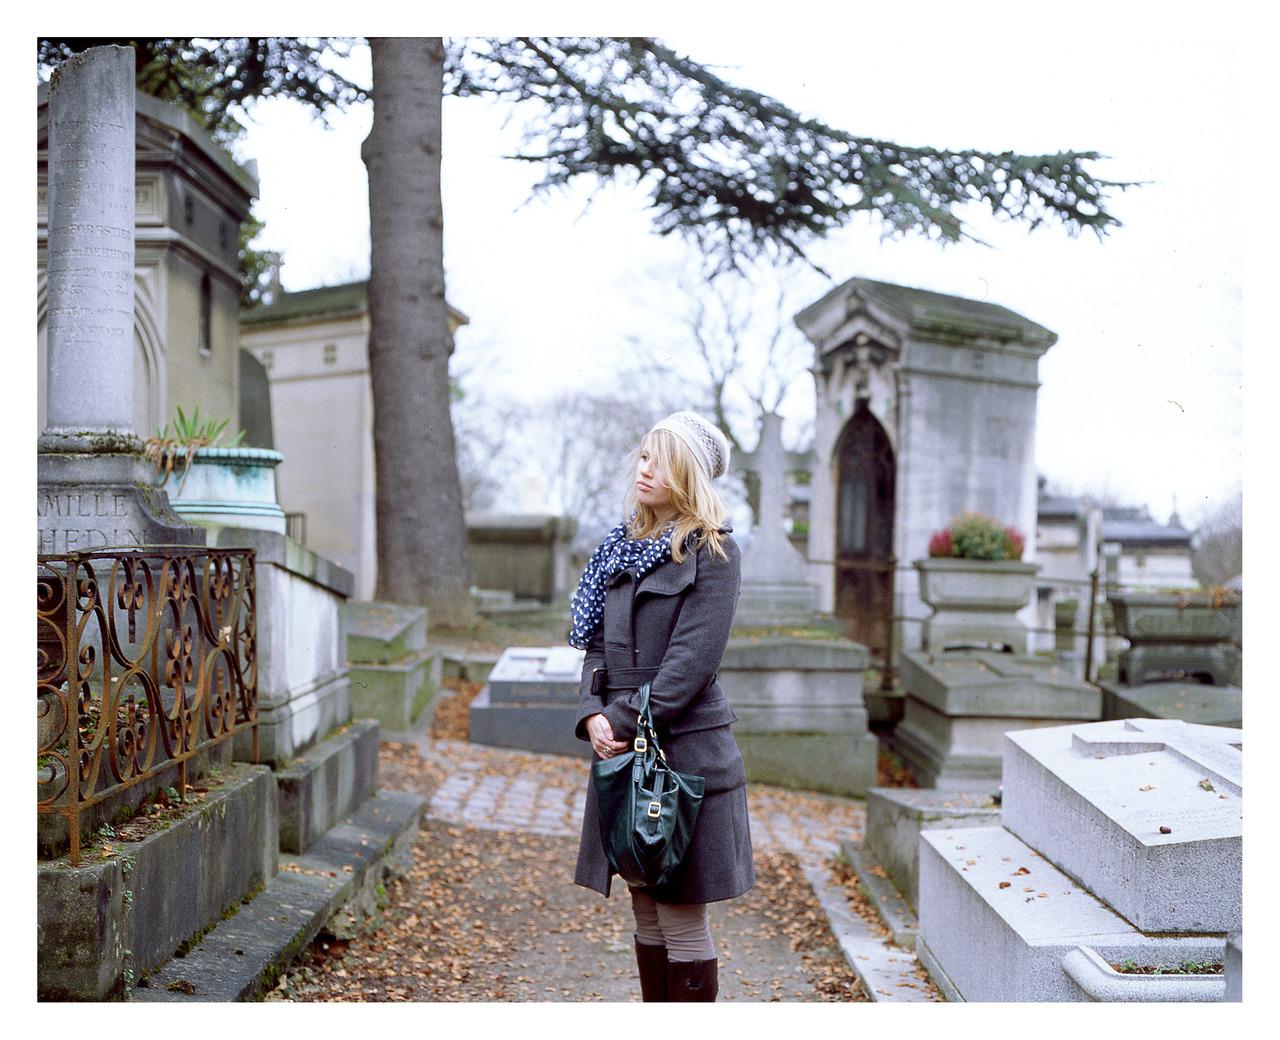 Hannah, Pere Lachaise cemetery, Paris. Feb '13